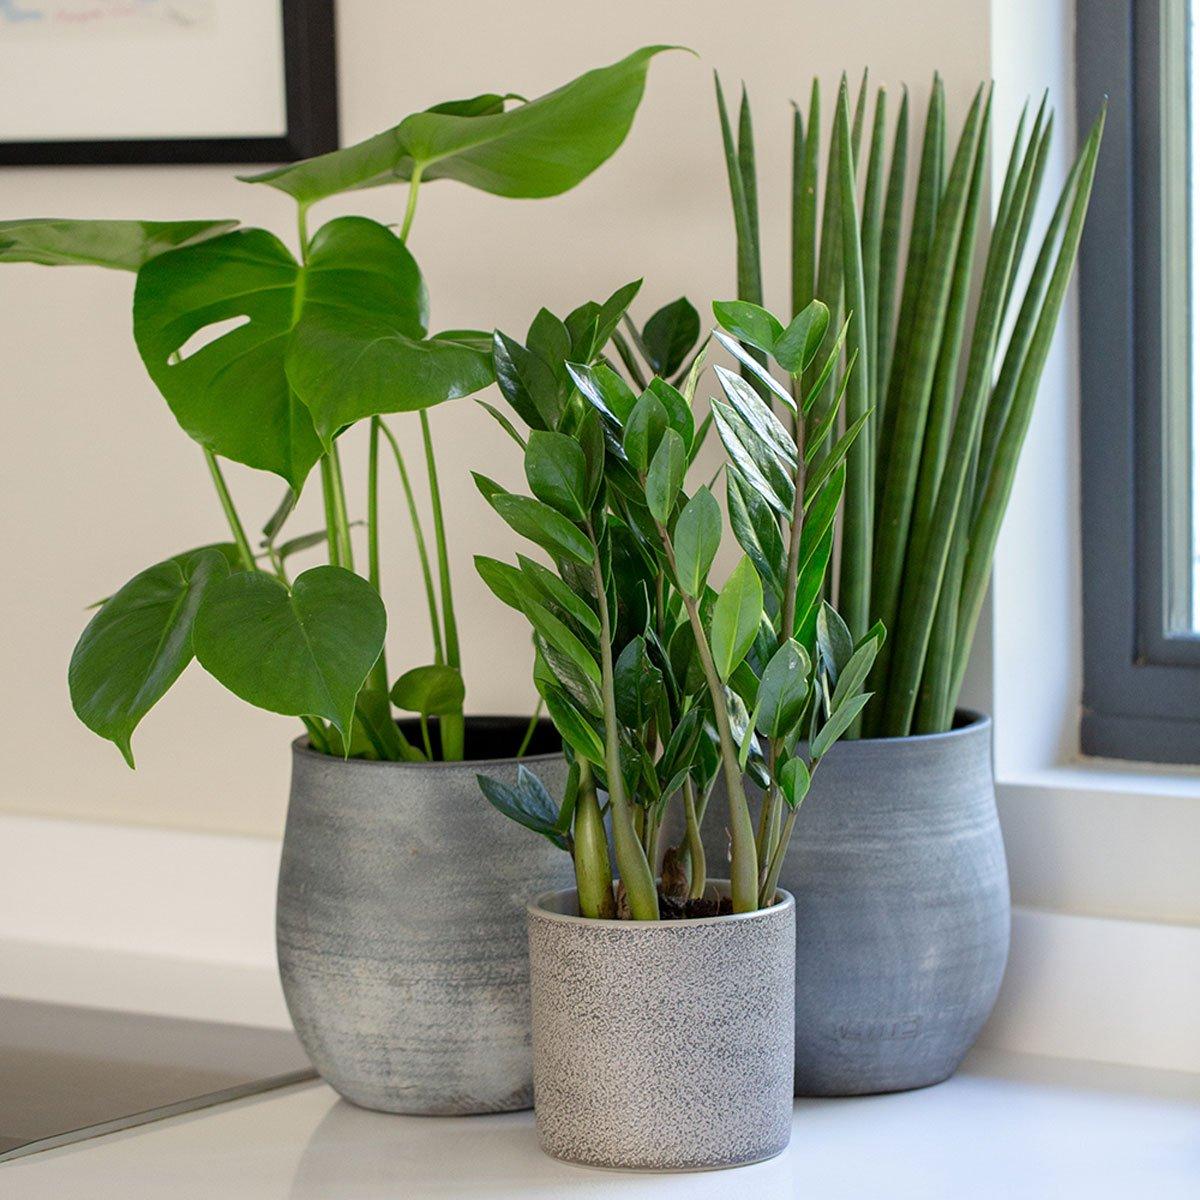 piante-poca-acqua-11